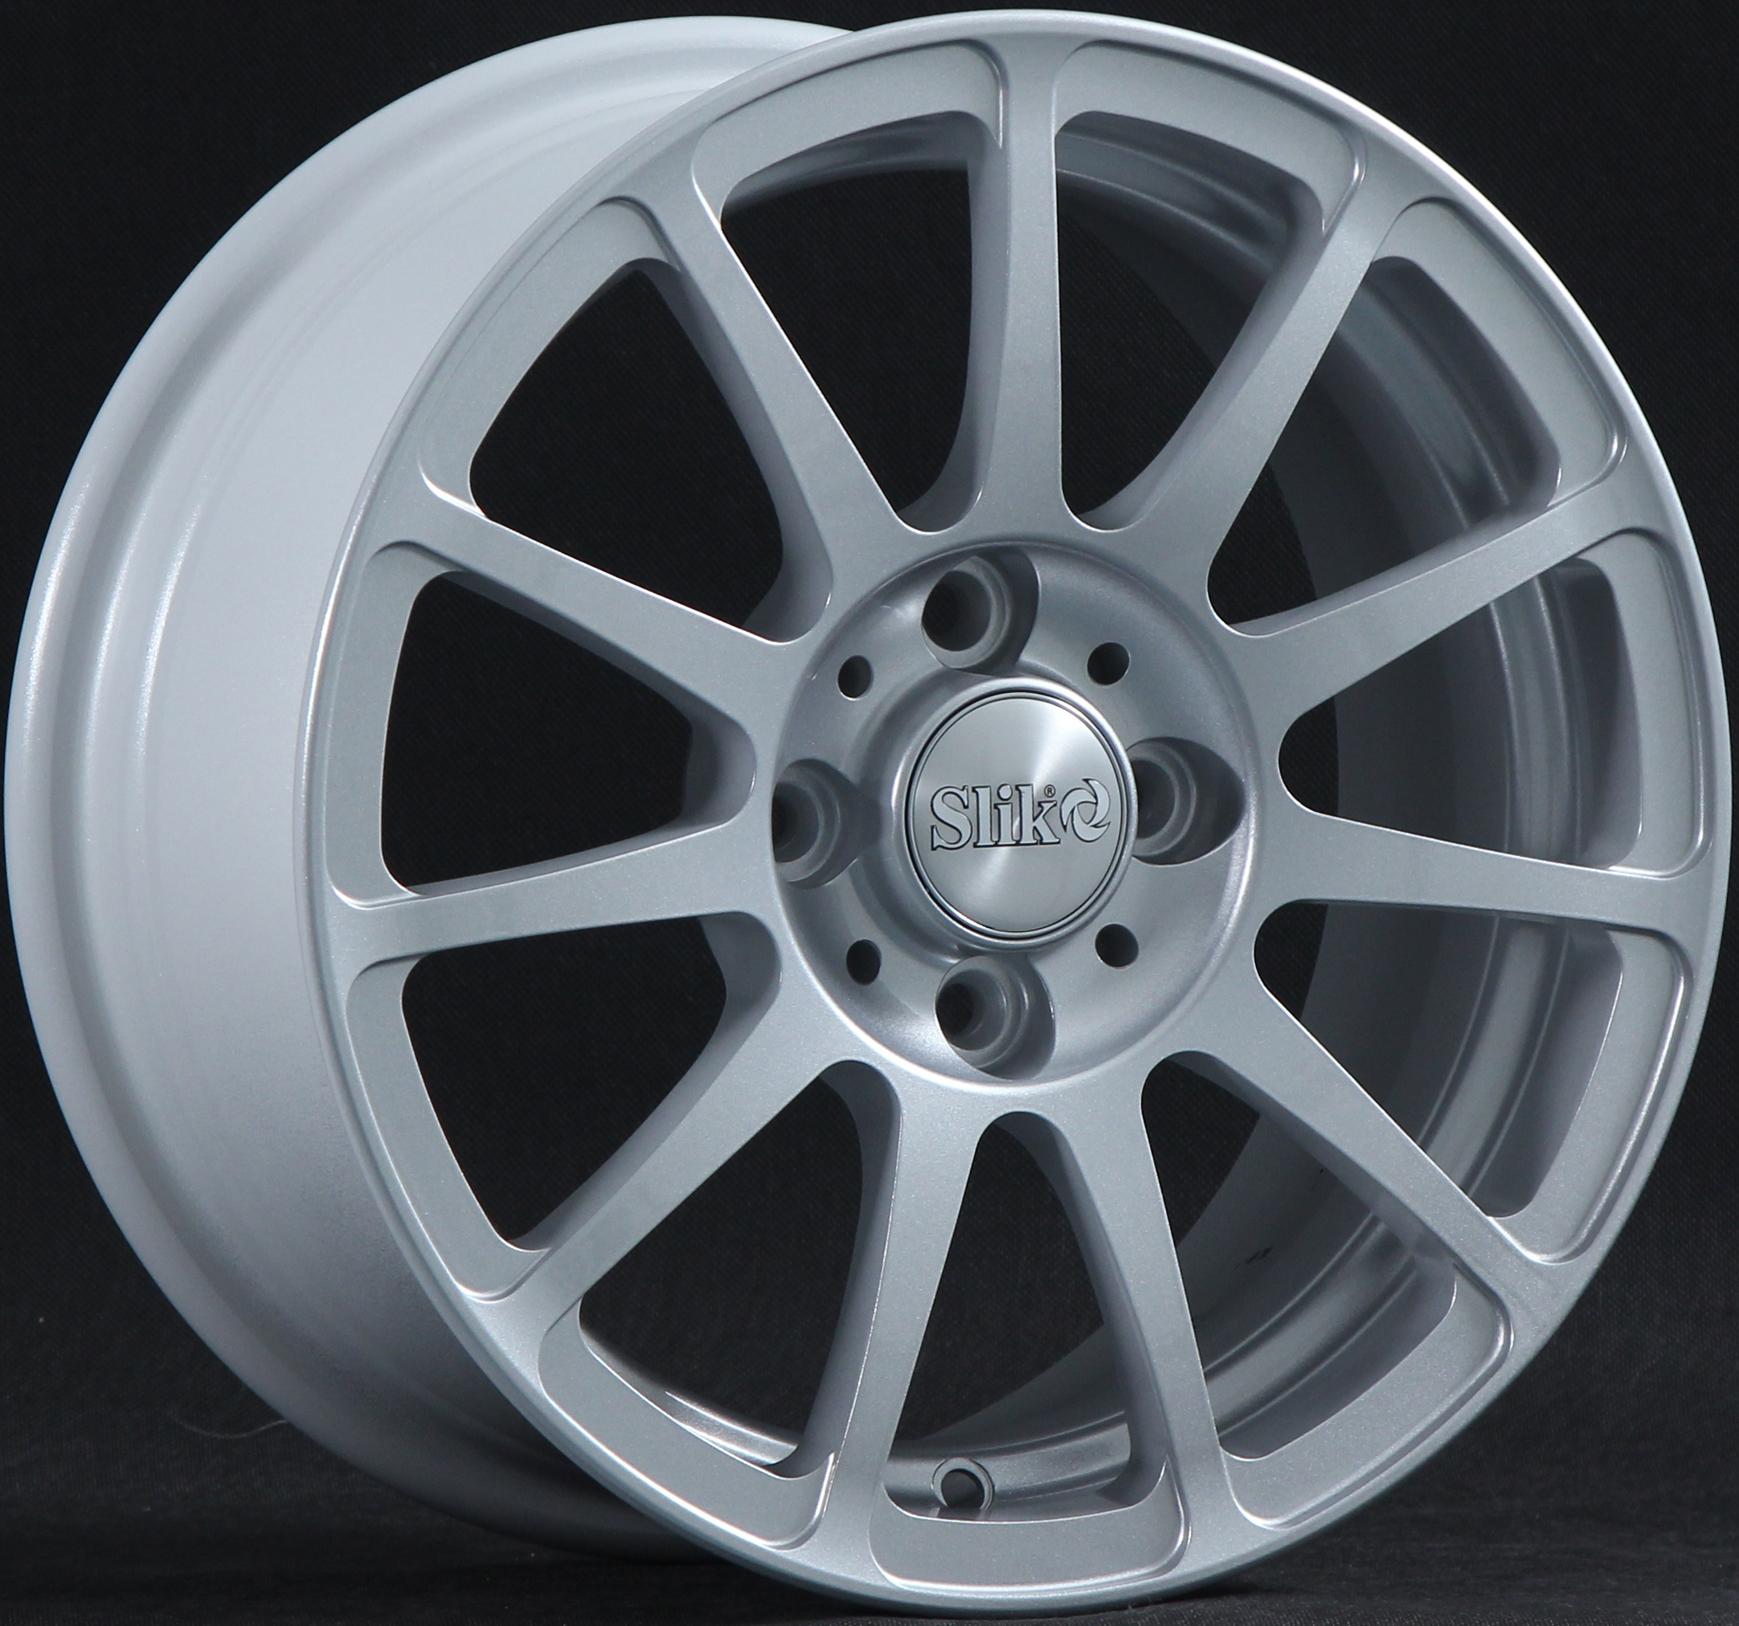 SLIK L-1722 forged wheels new model